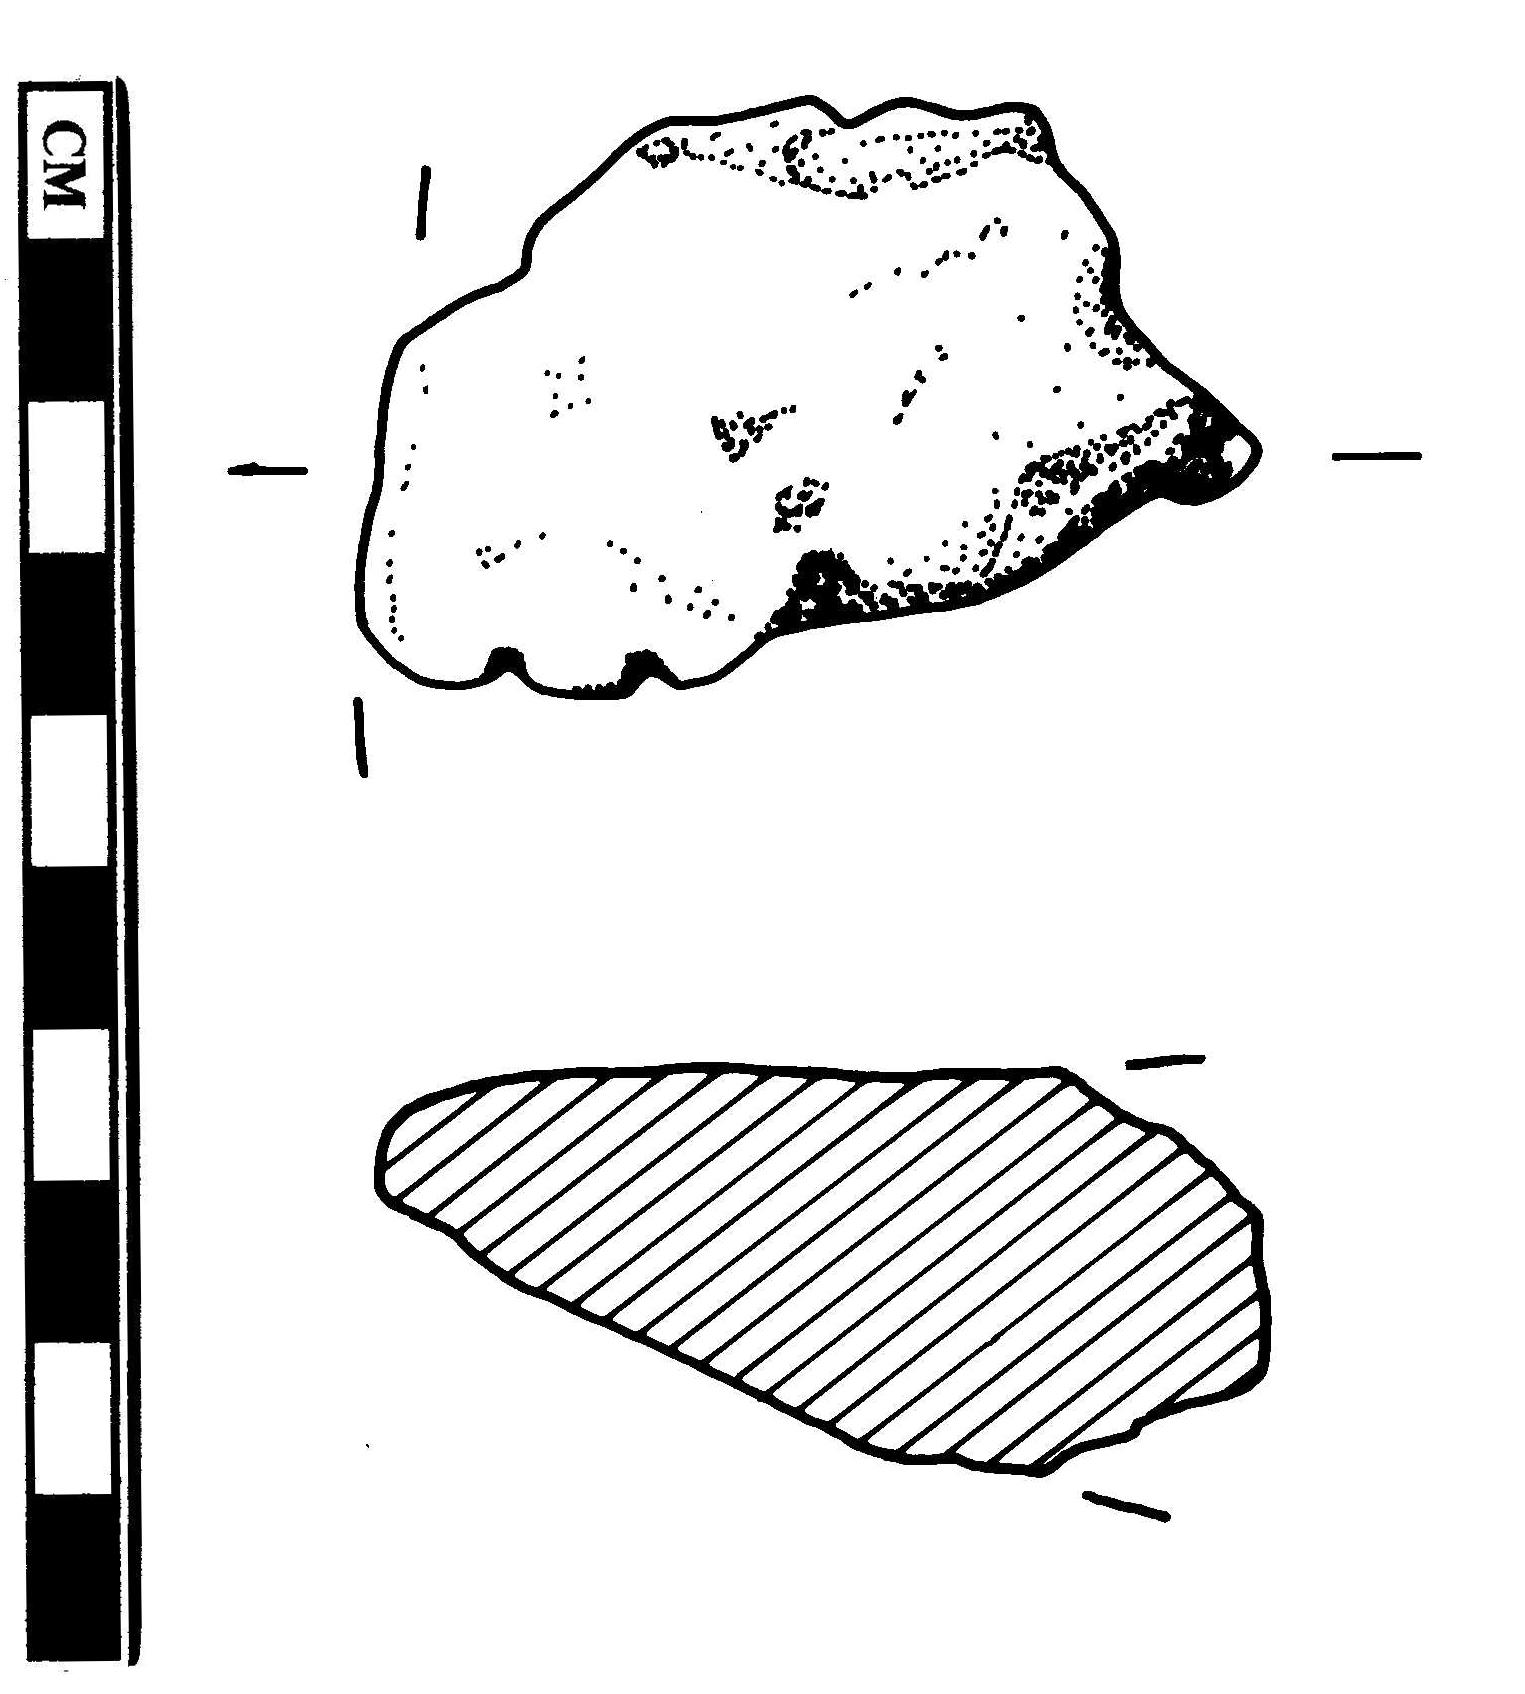 1525x1694 Fileess 009610 Bronze Age Hoard, Ingot (9) Drawing By Sue Holden